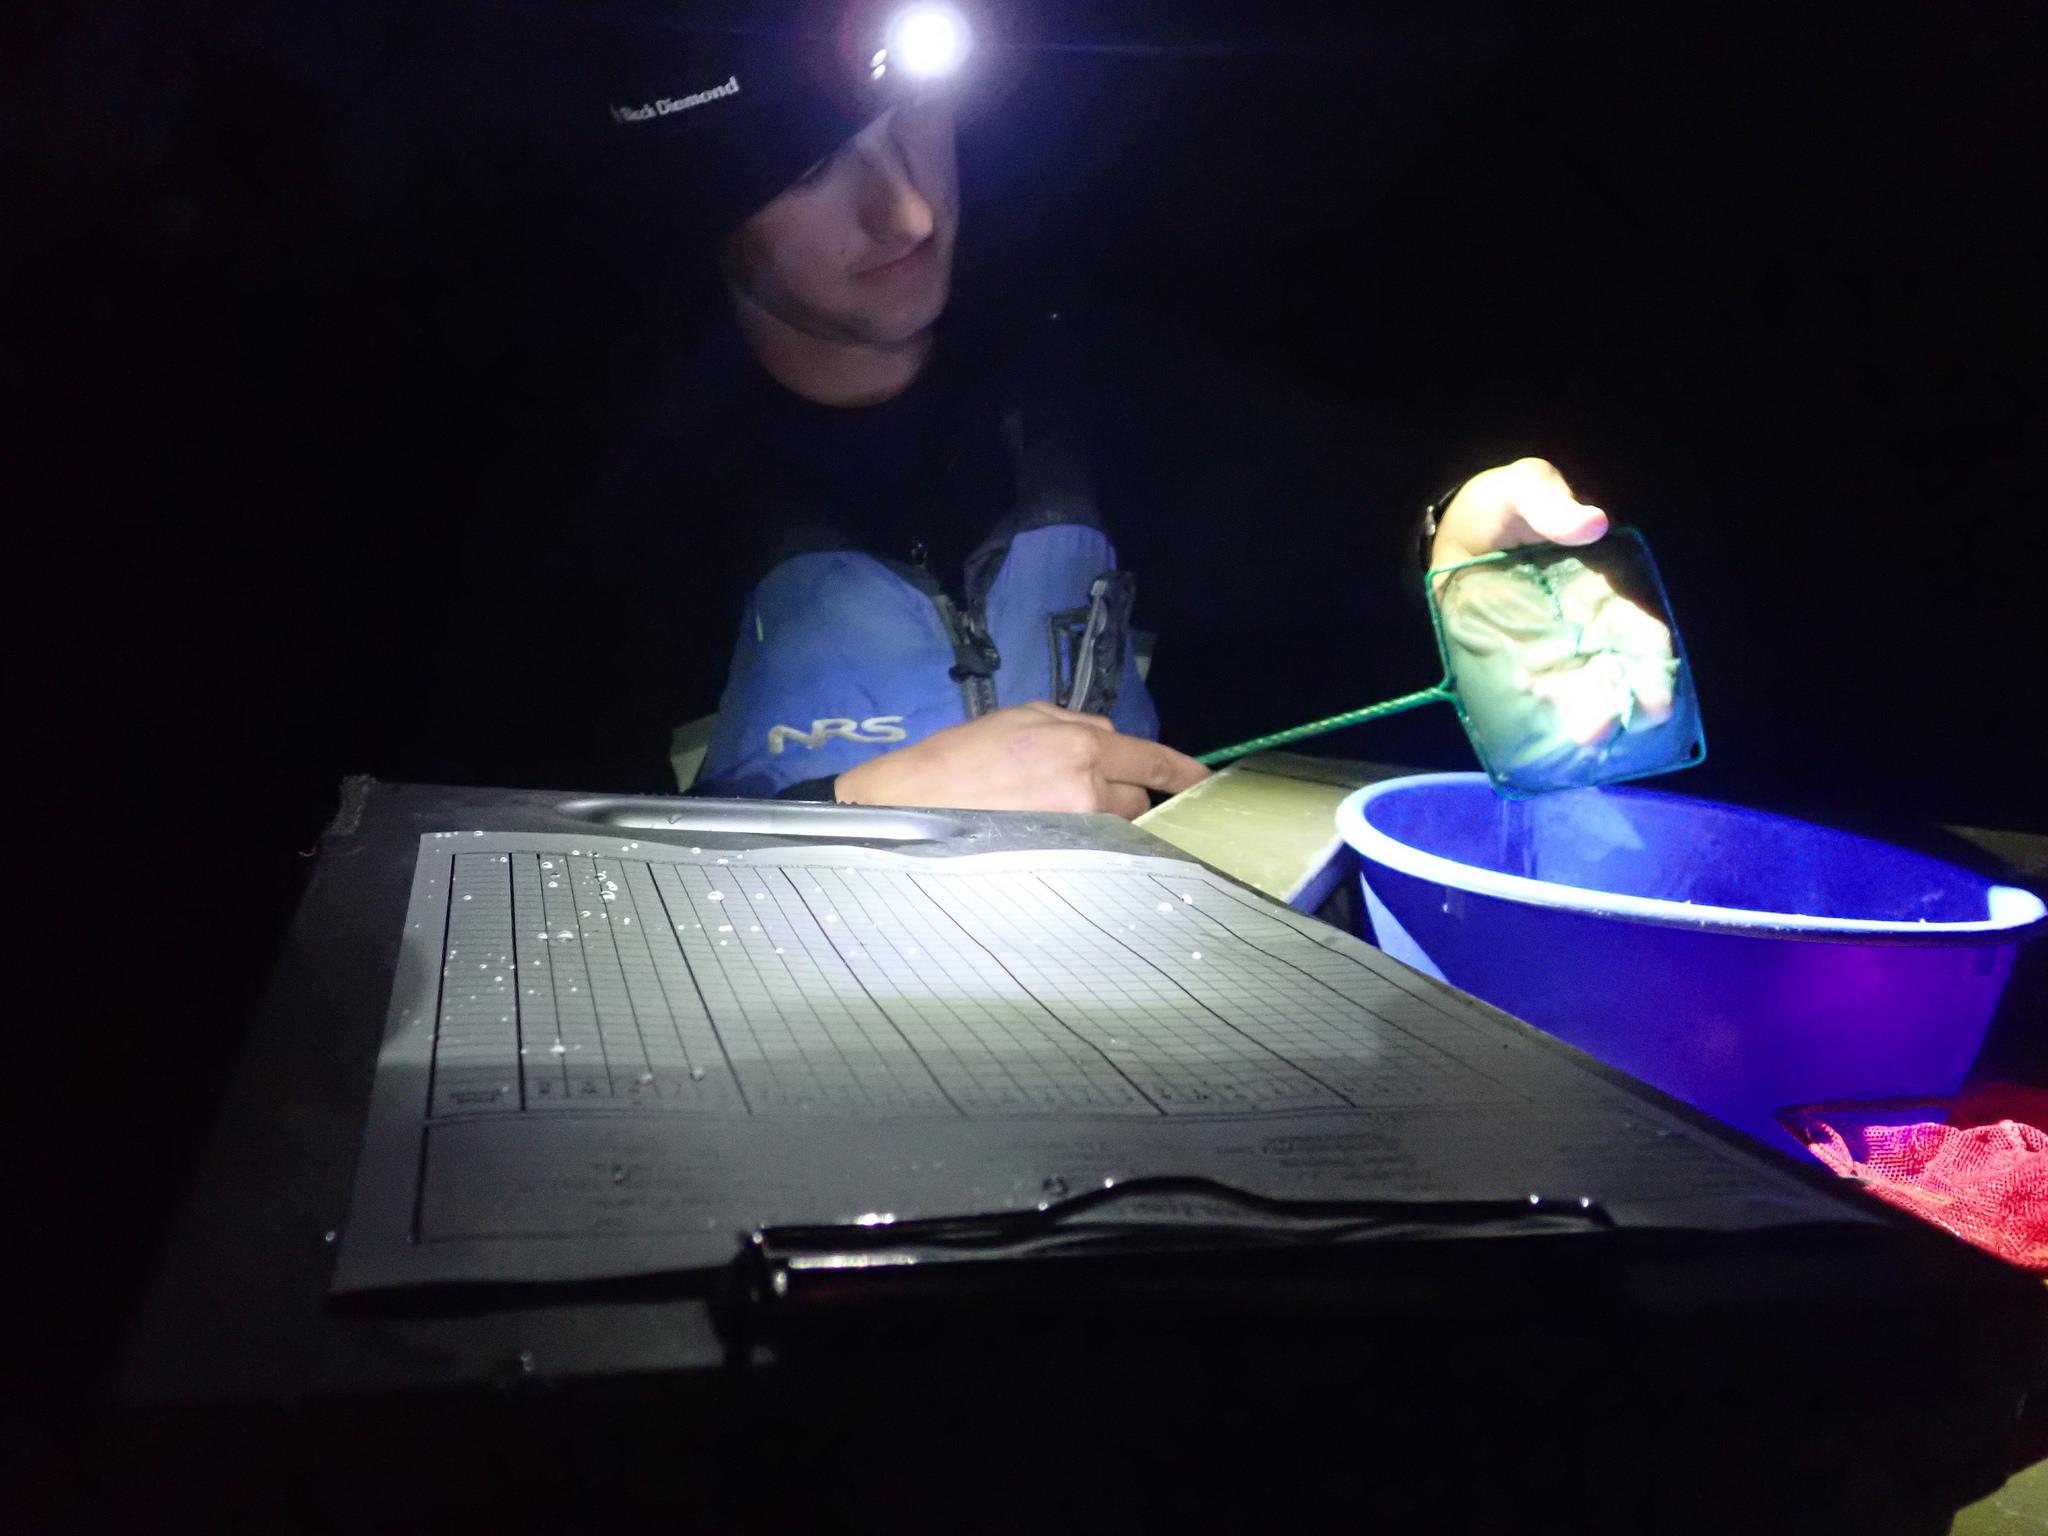 Counting fish at night